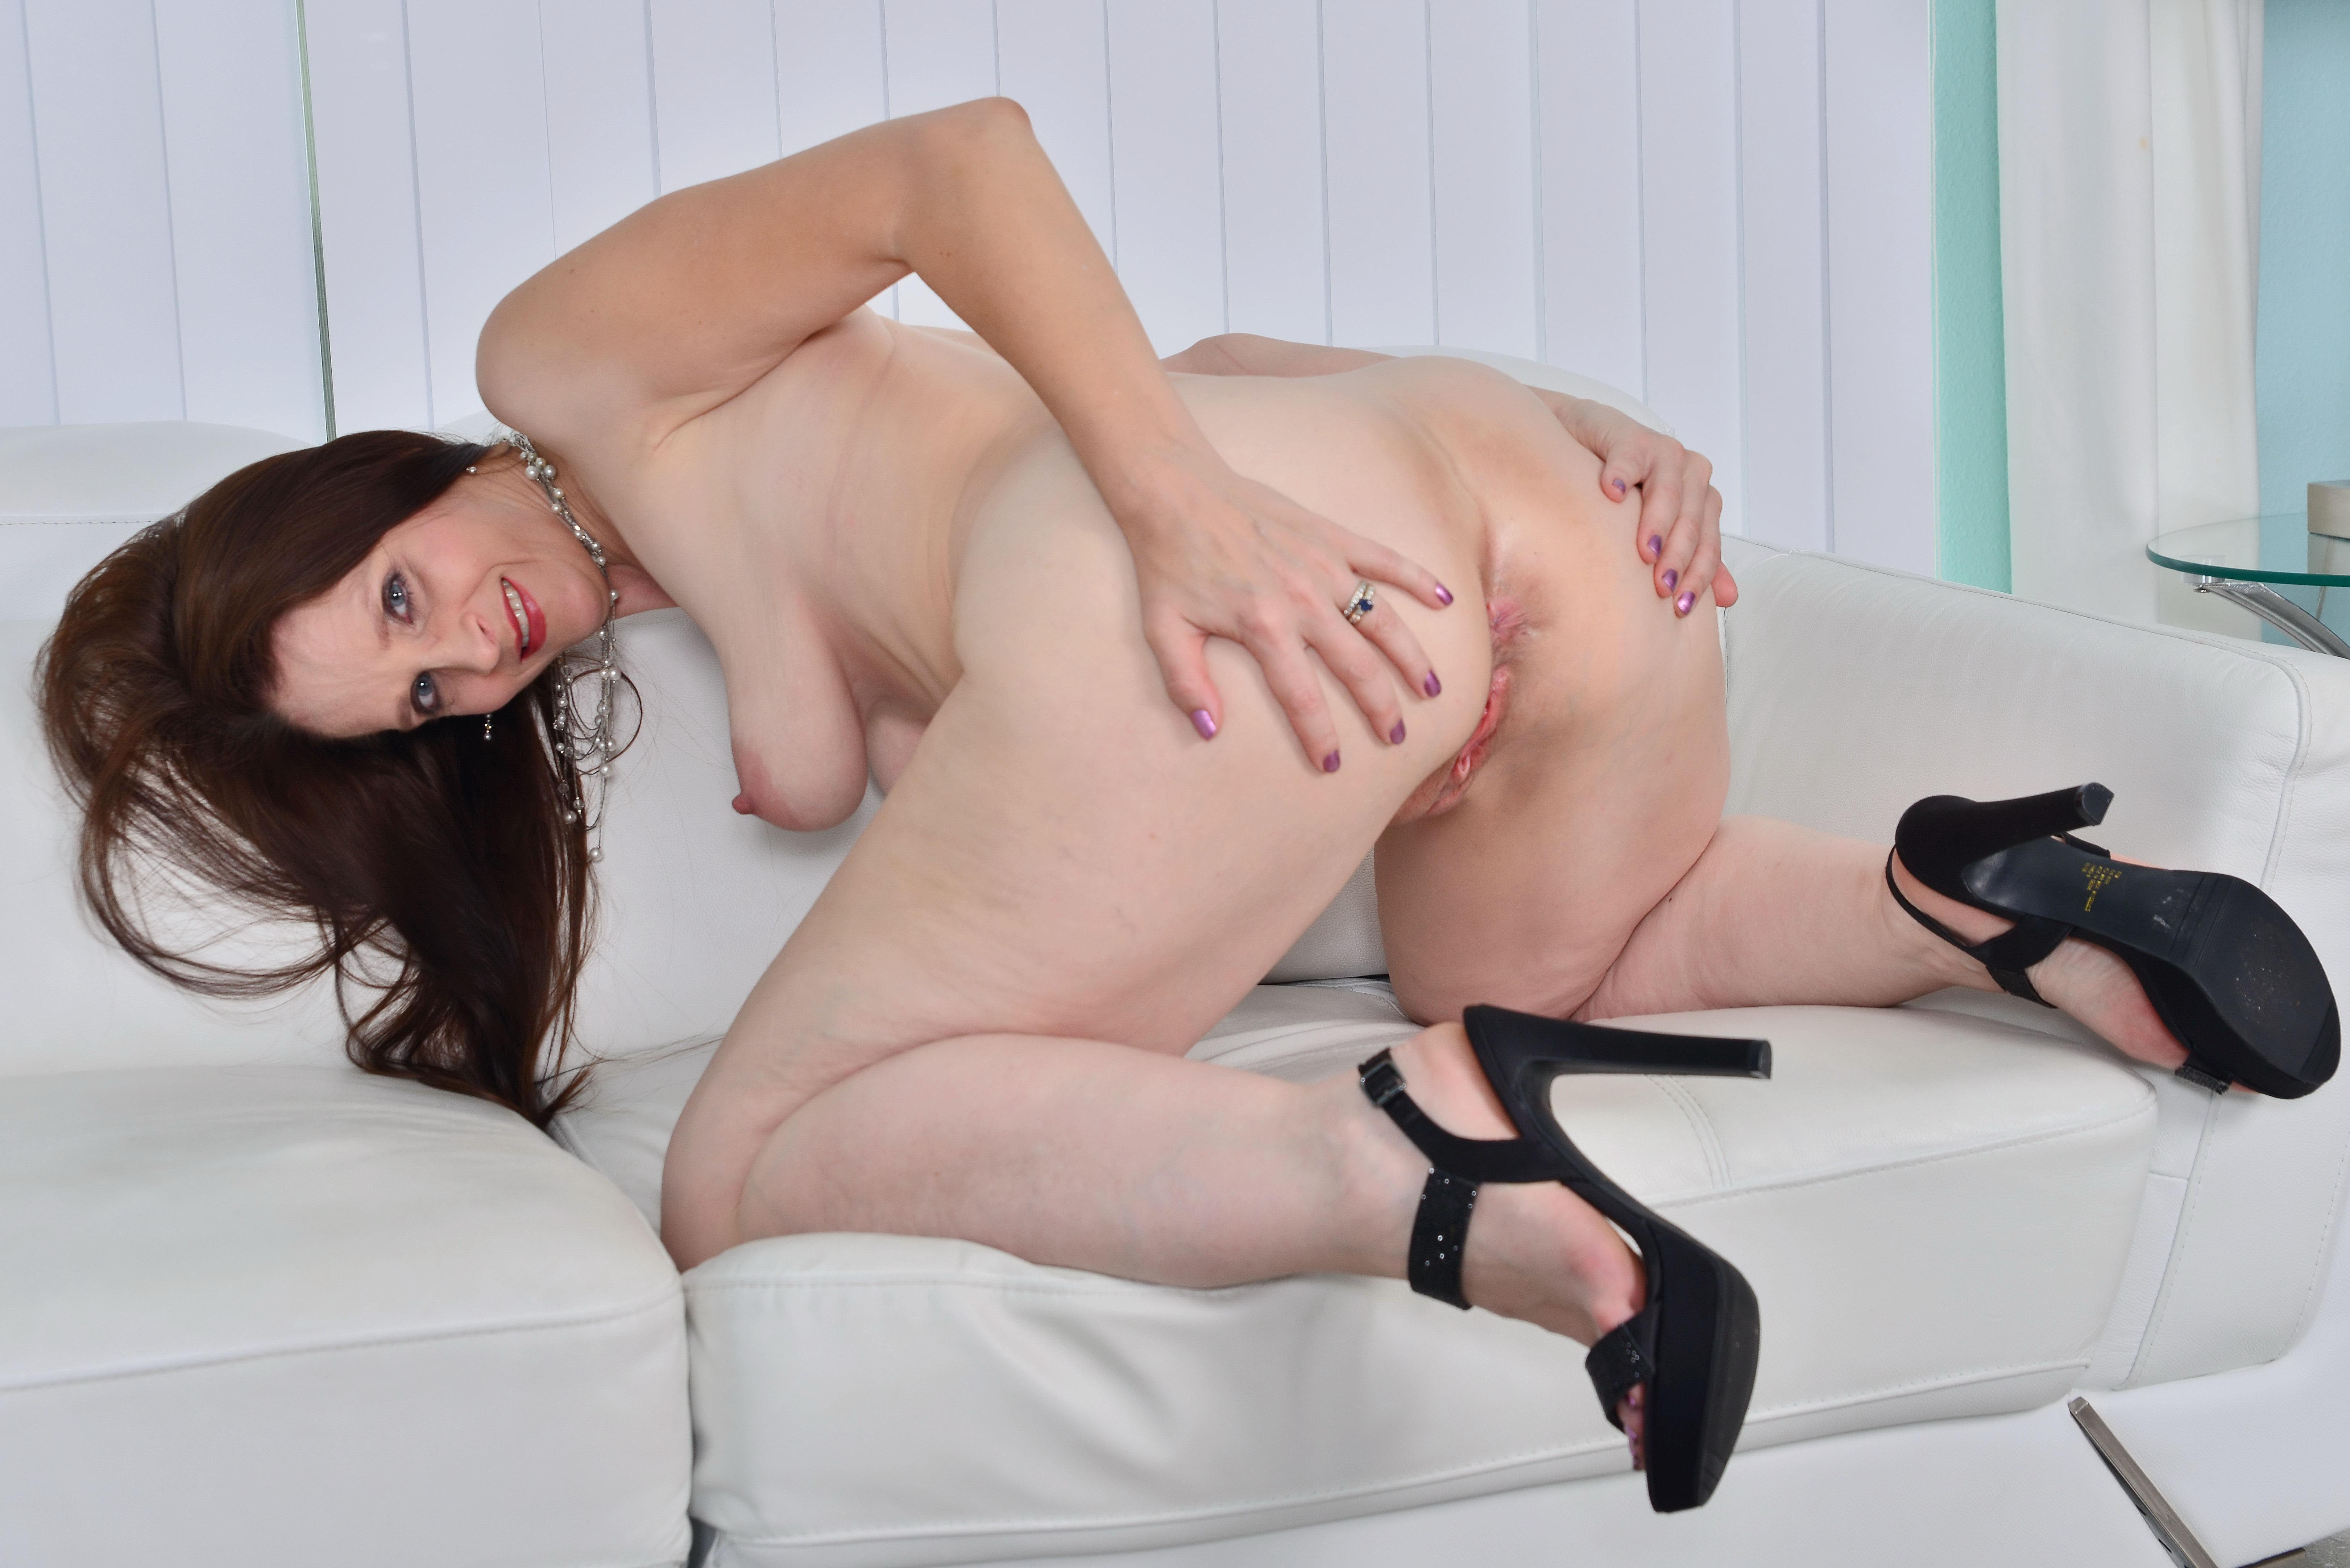 round ass girls nude